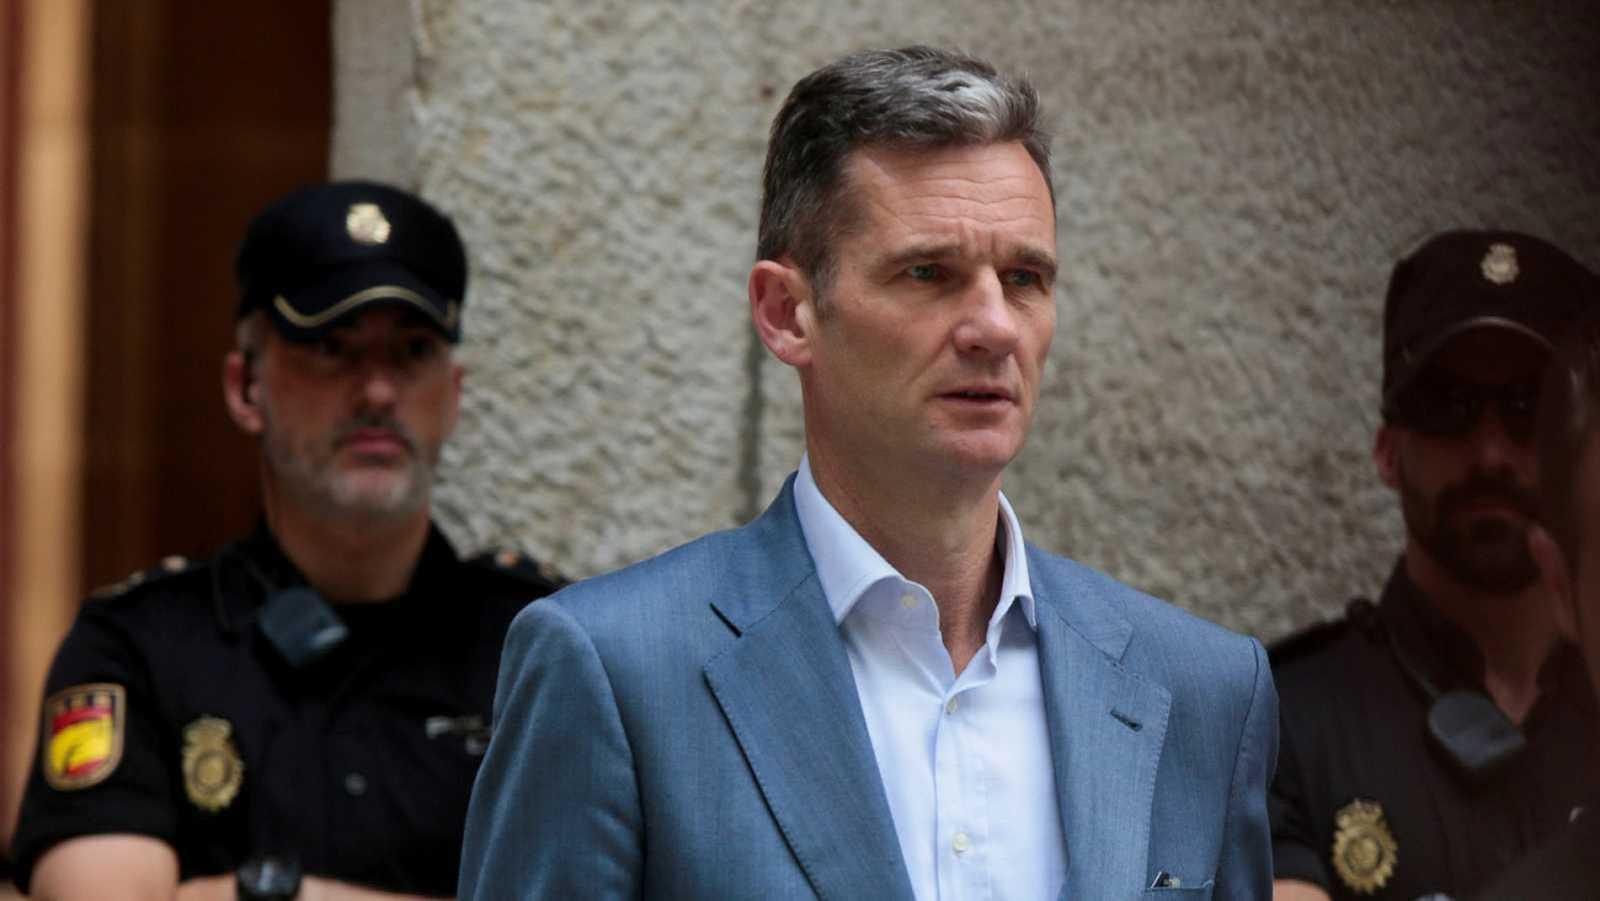 La prisión de Brieva aprueba que Urdangarin disfrute de un permiso de cuatro días en Navidad